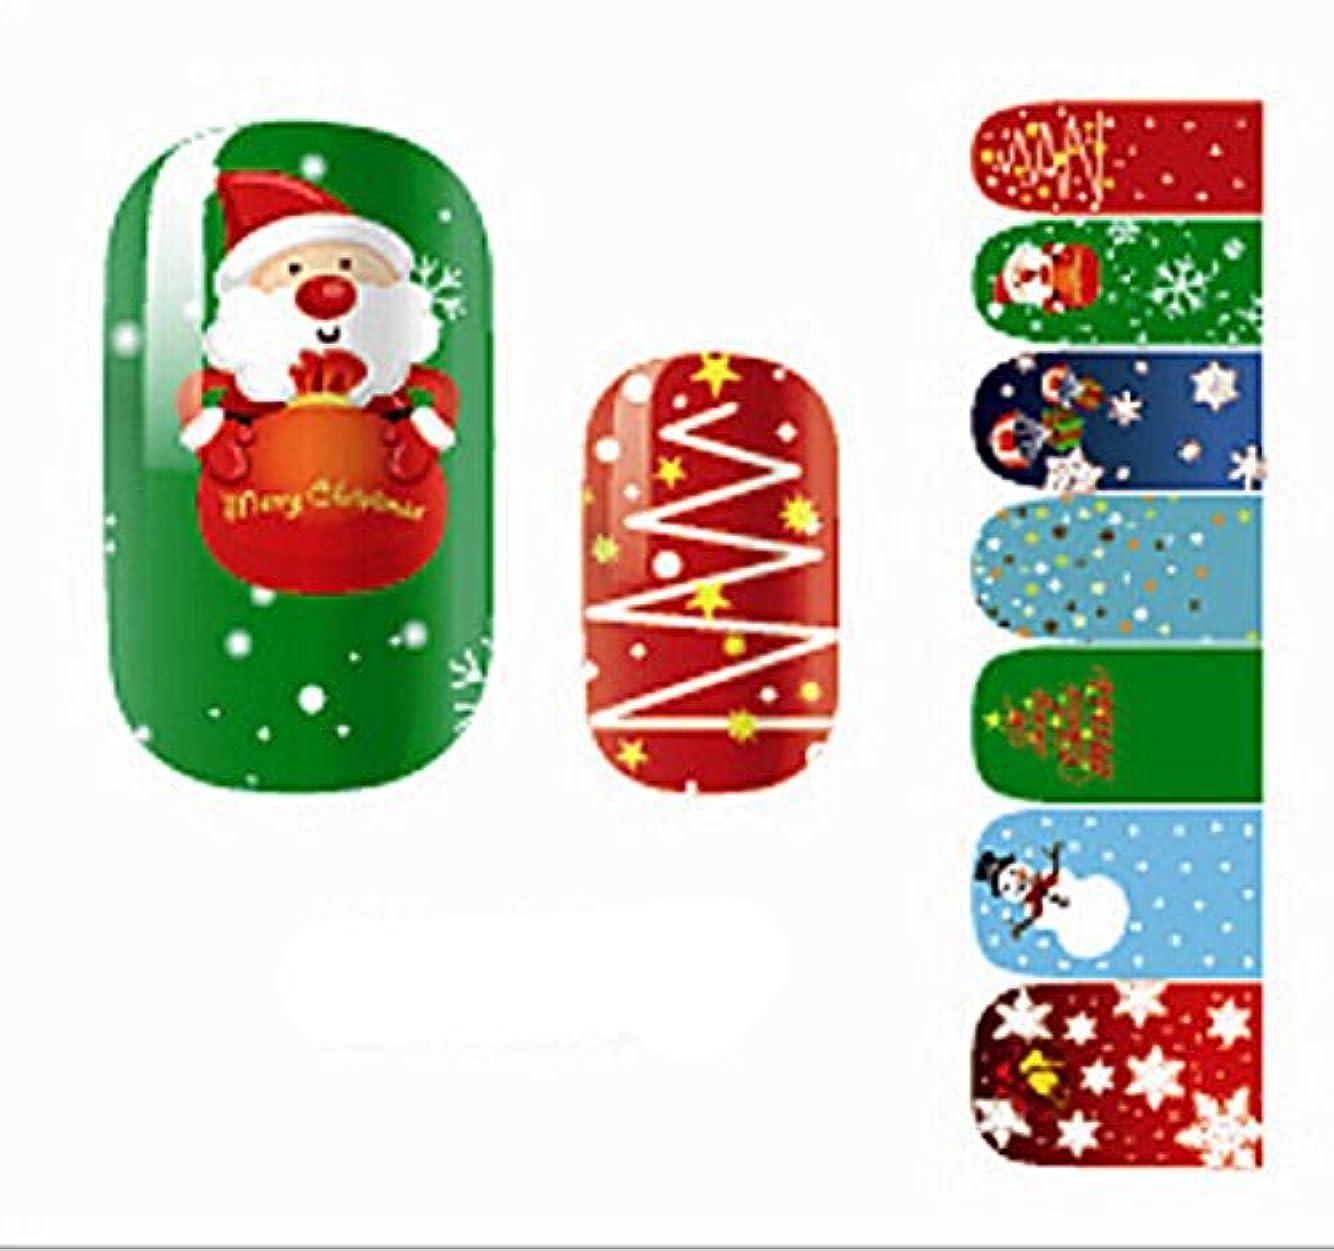 承認するパッチ空洞Happyハッピー耳 14枚7ペア/セット 可愛いネイルシール クリスマス サンタクロース 雪 海軍風 ウサギ 混合柄 薄い レディース 子供に適用 (クリスマス風)